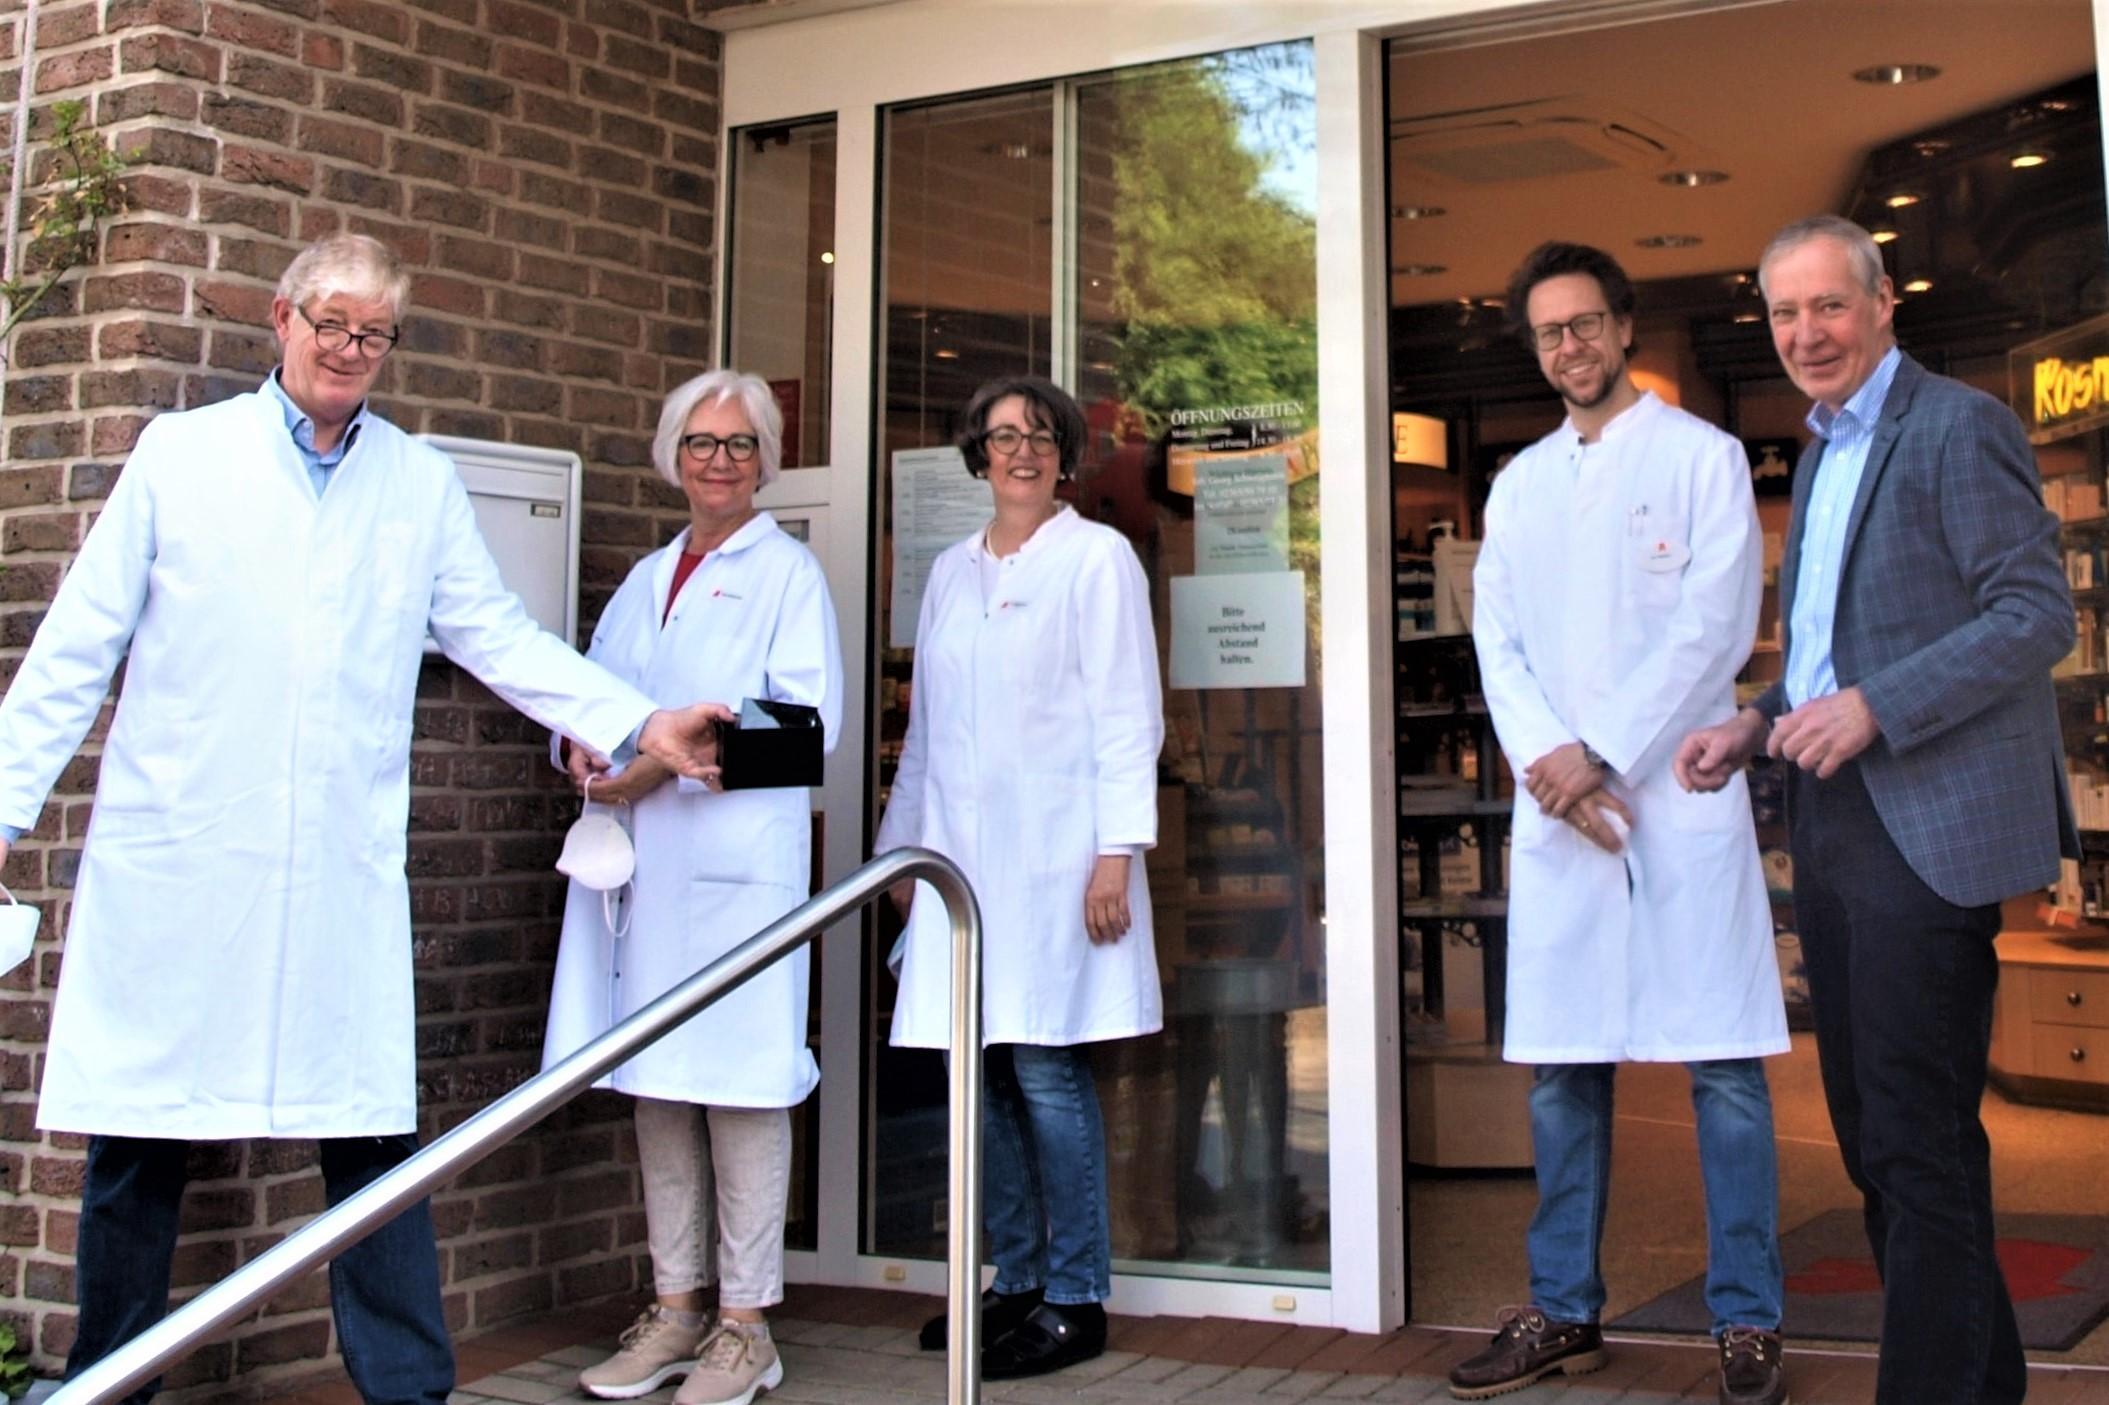 Dorf-Apotheke aus Polsum unterstützt Klara